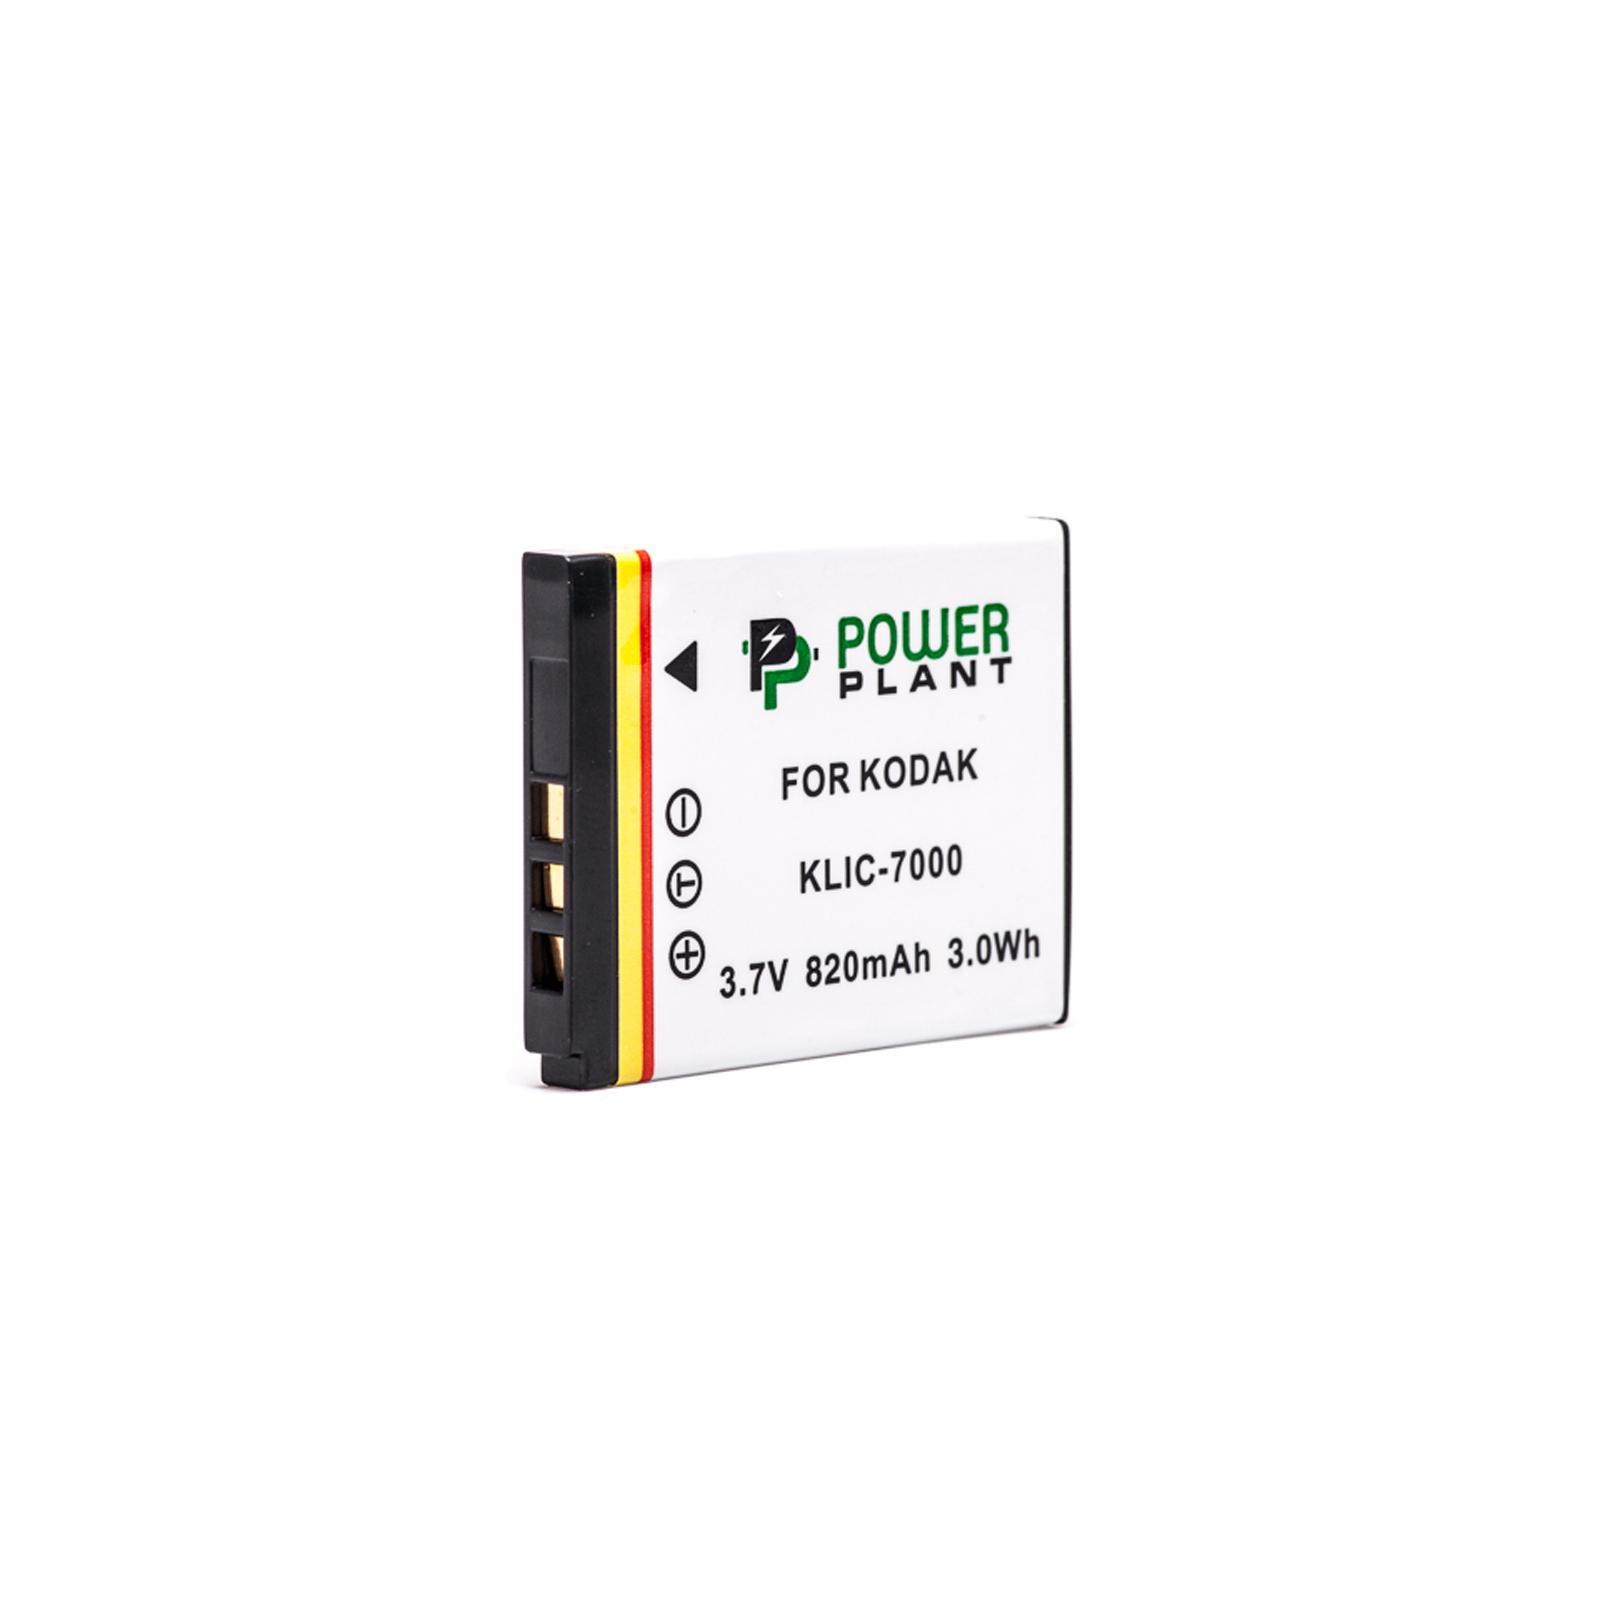 Аккумулятор к фото/видео PowerPlant Kodak KLIC-7000 (DV00DV1152) изображение 2